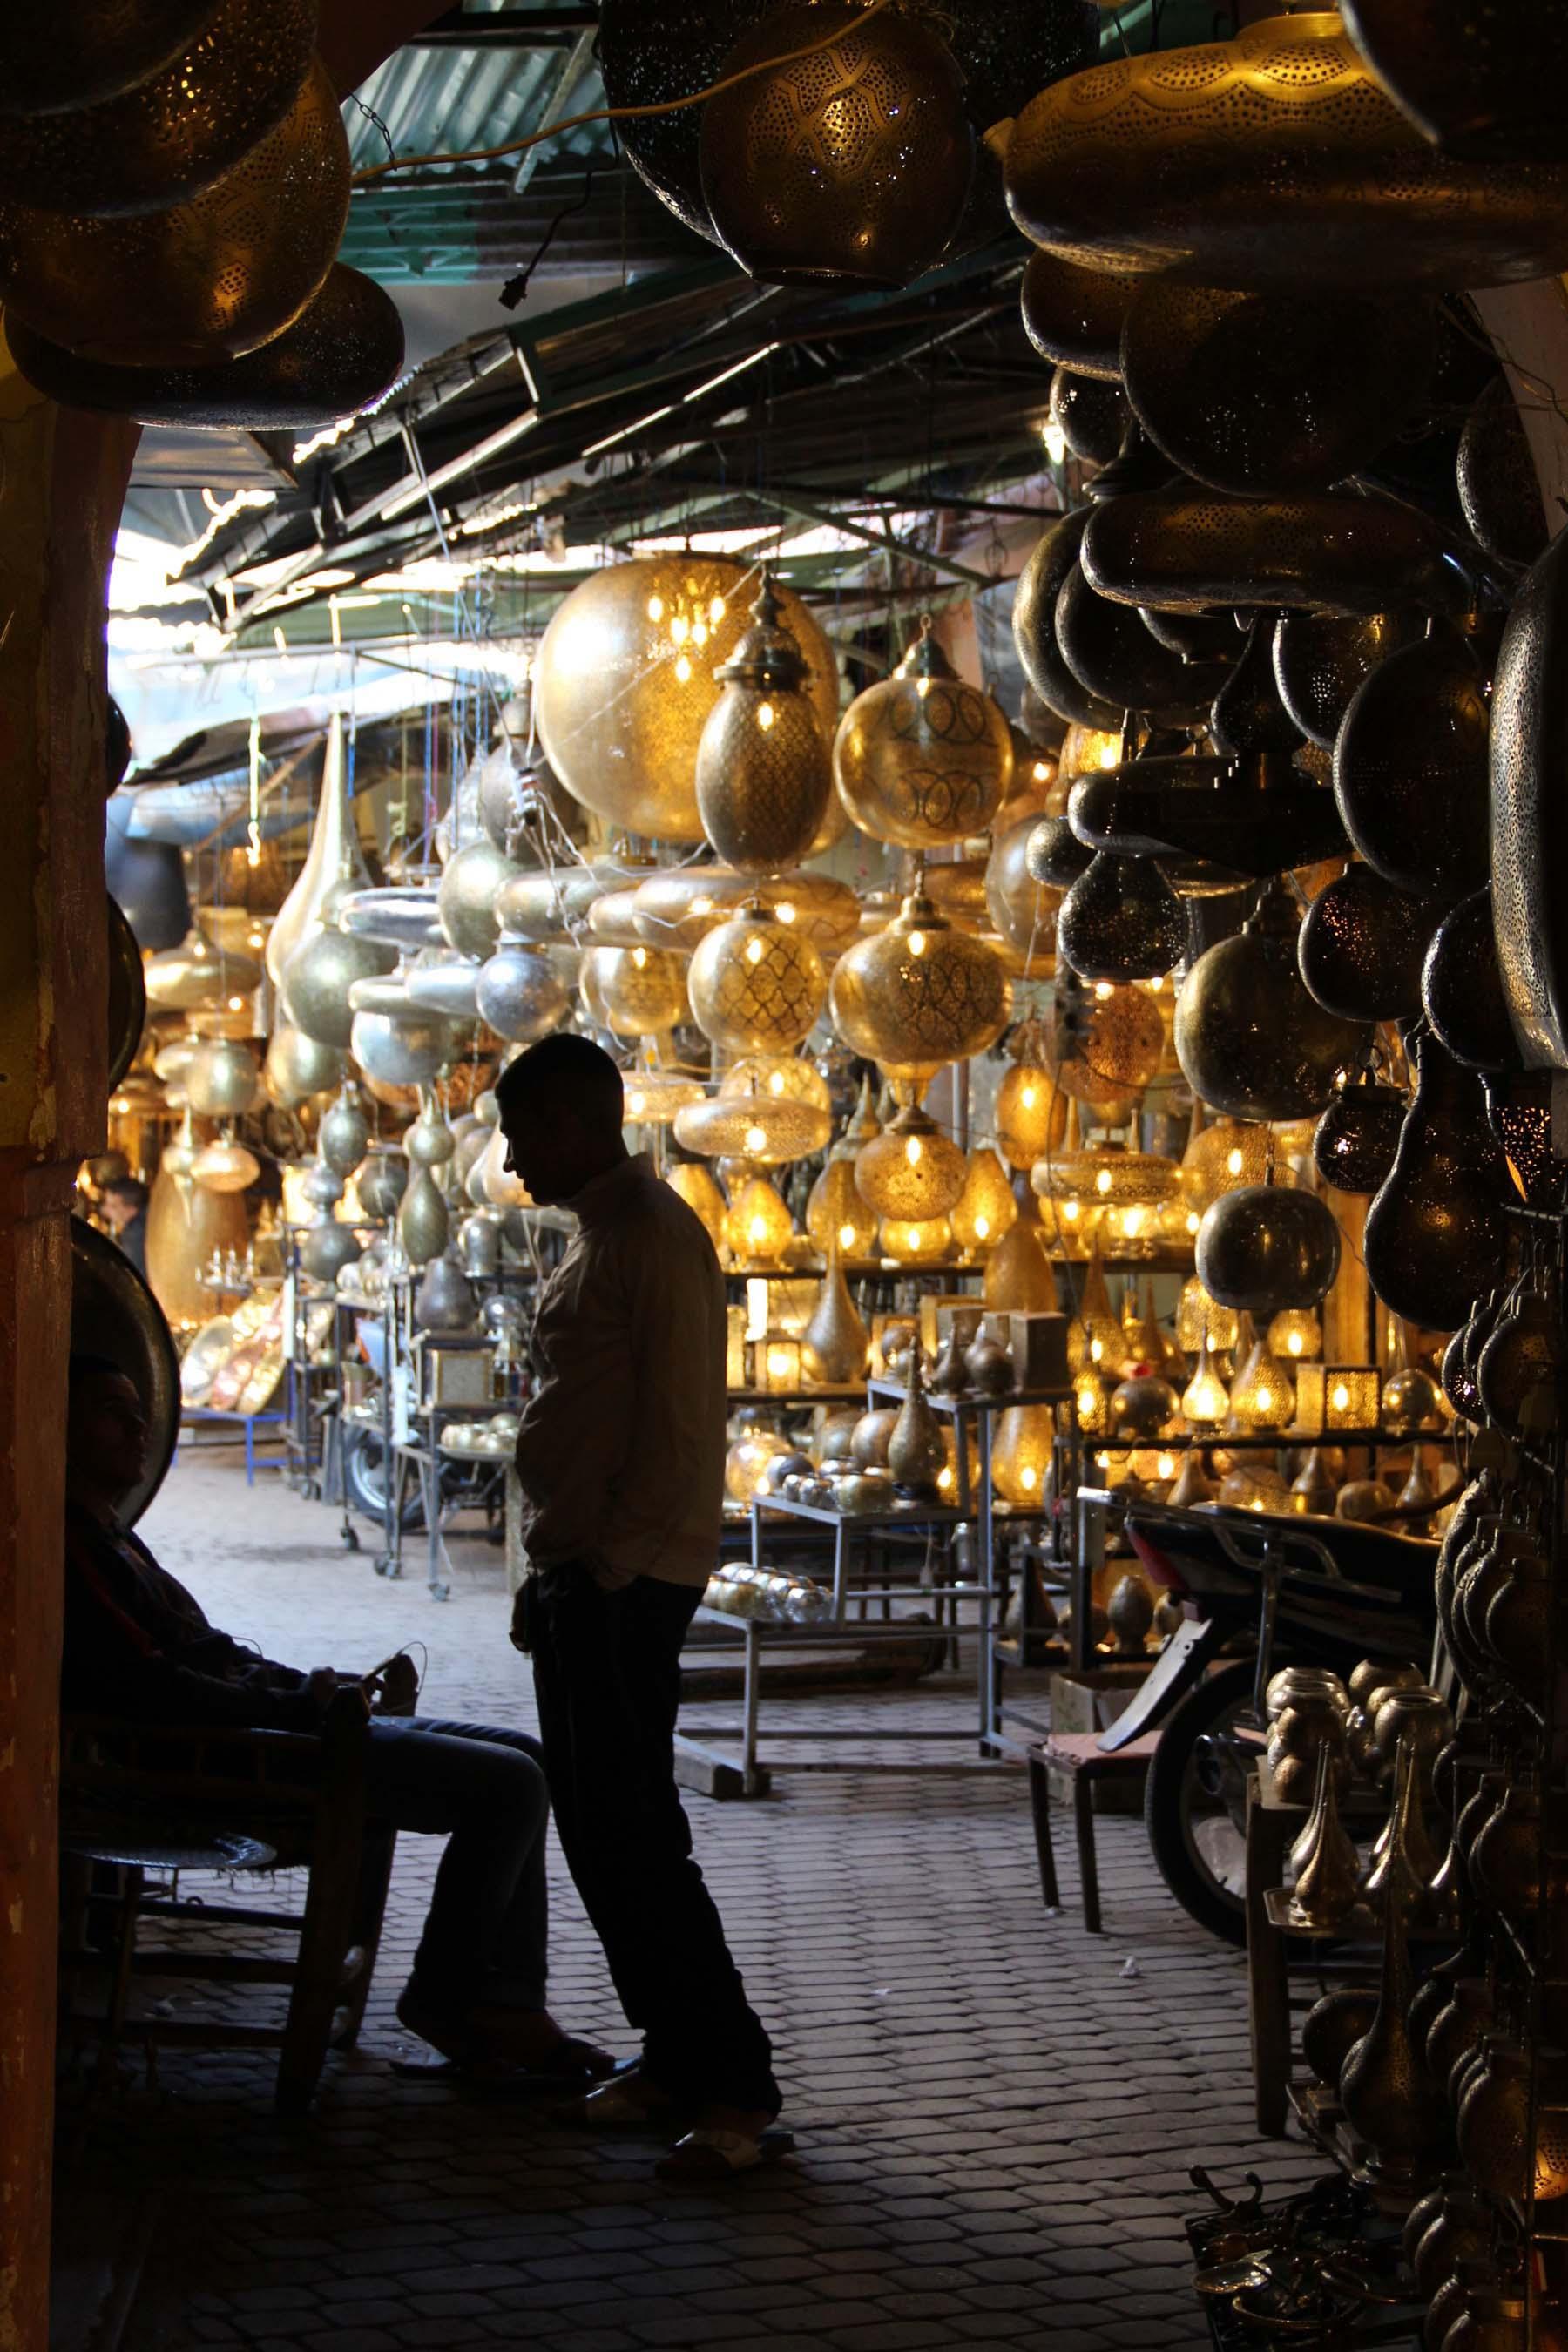 Lampade in un suq di Marrakech